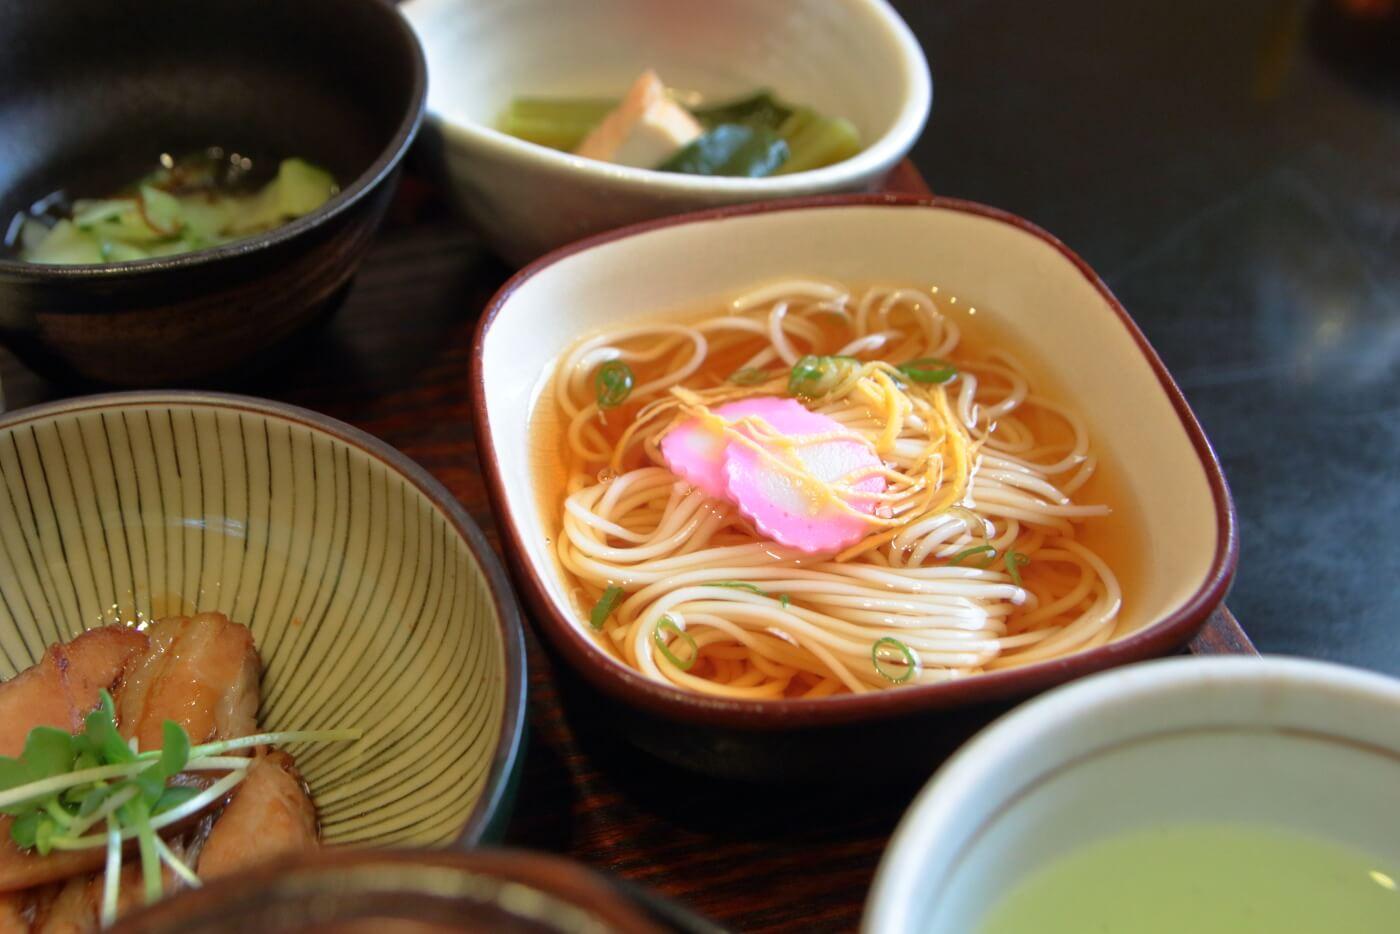 高知/土佐市 稲月(いなつき) 小鉢お造り膳のソーメン